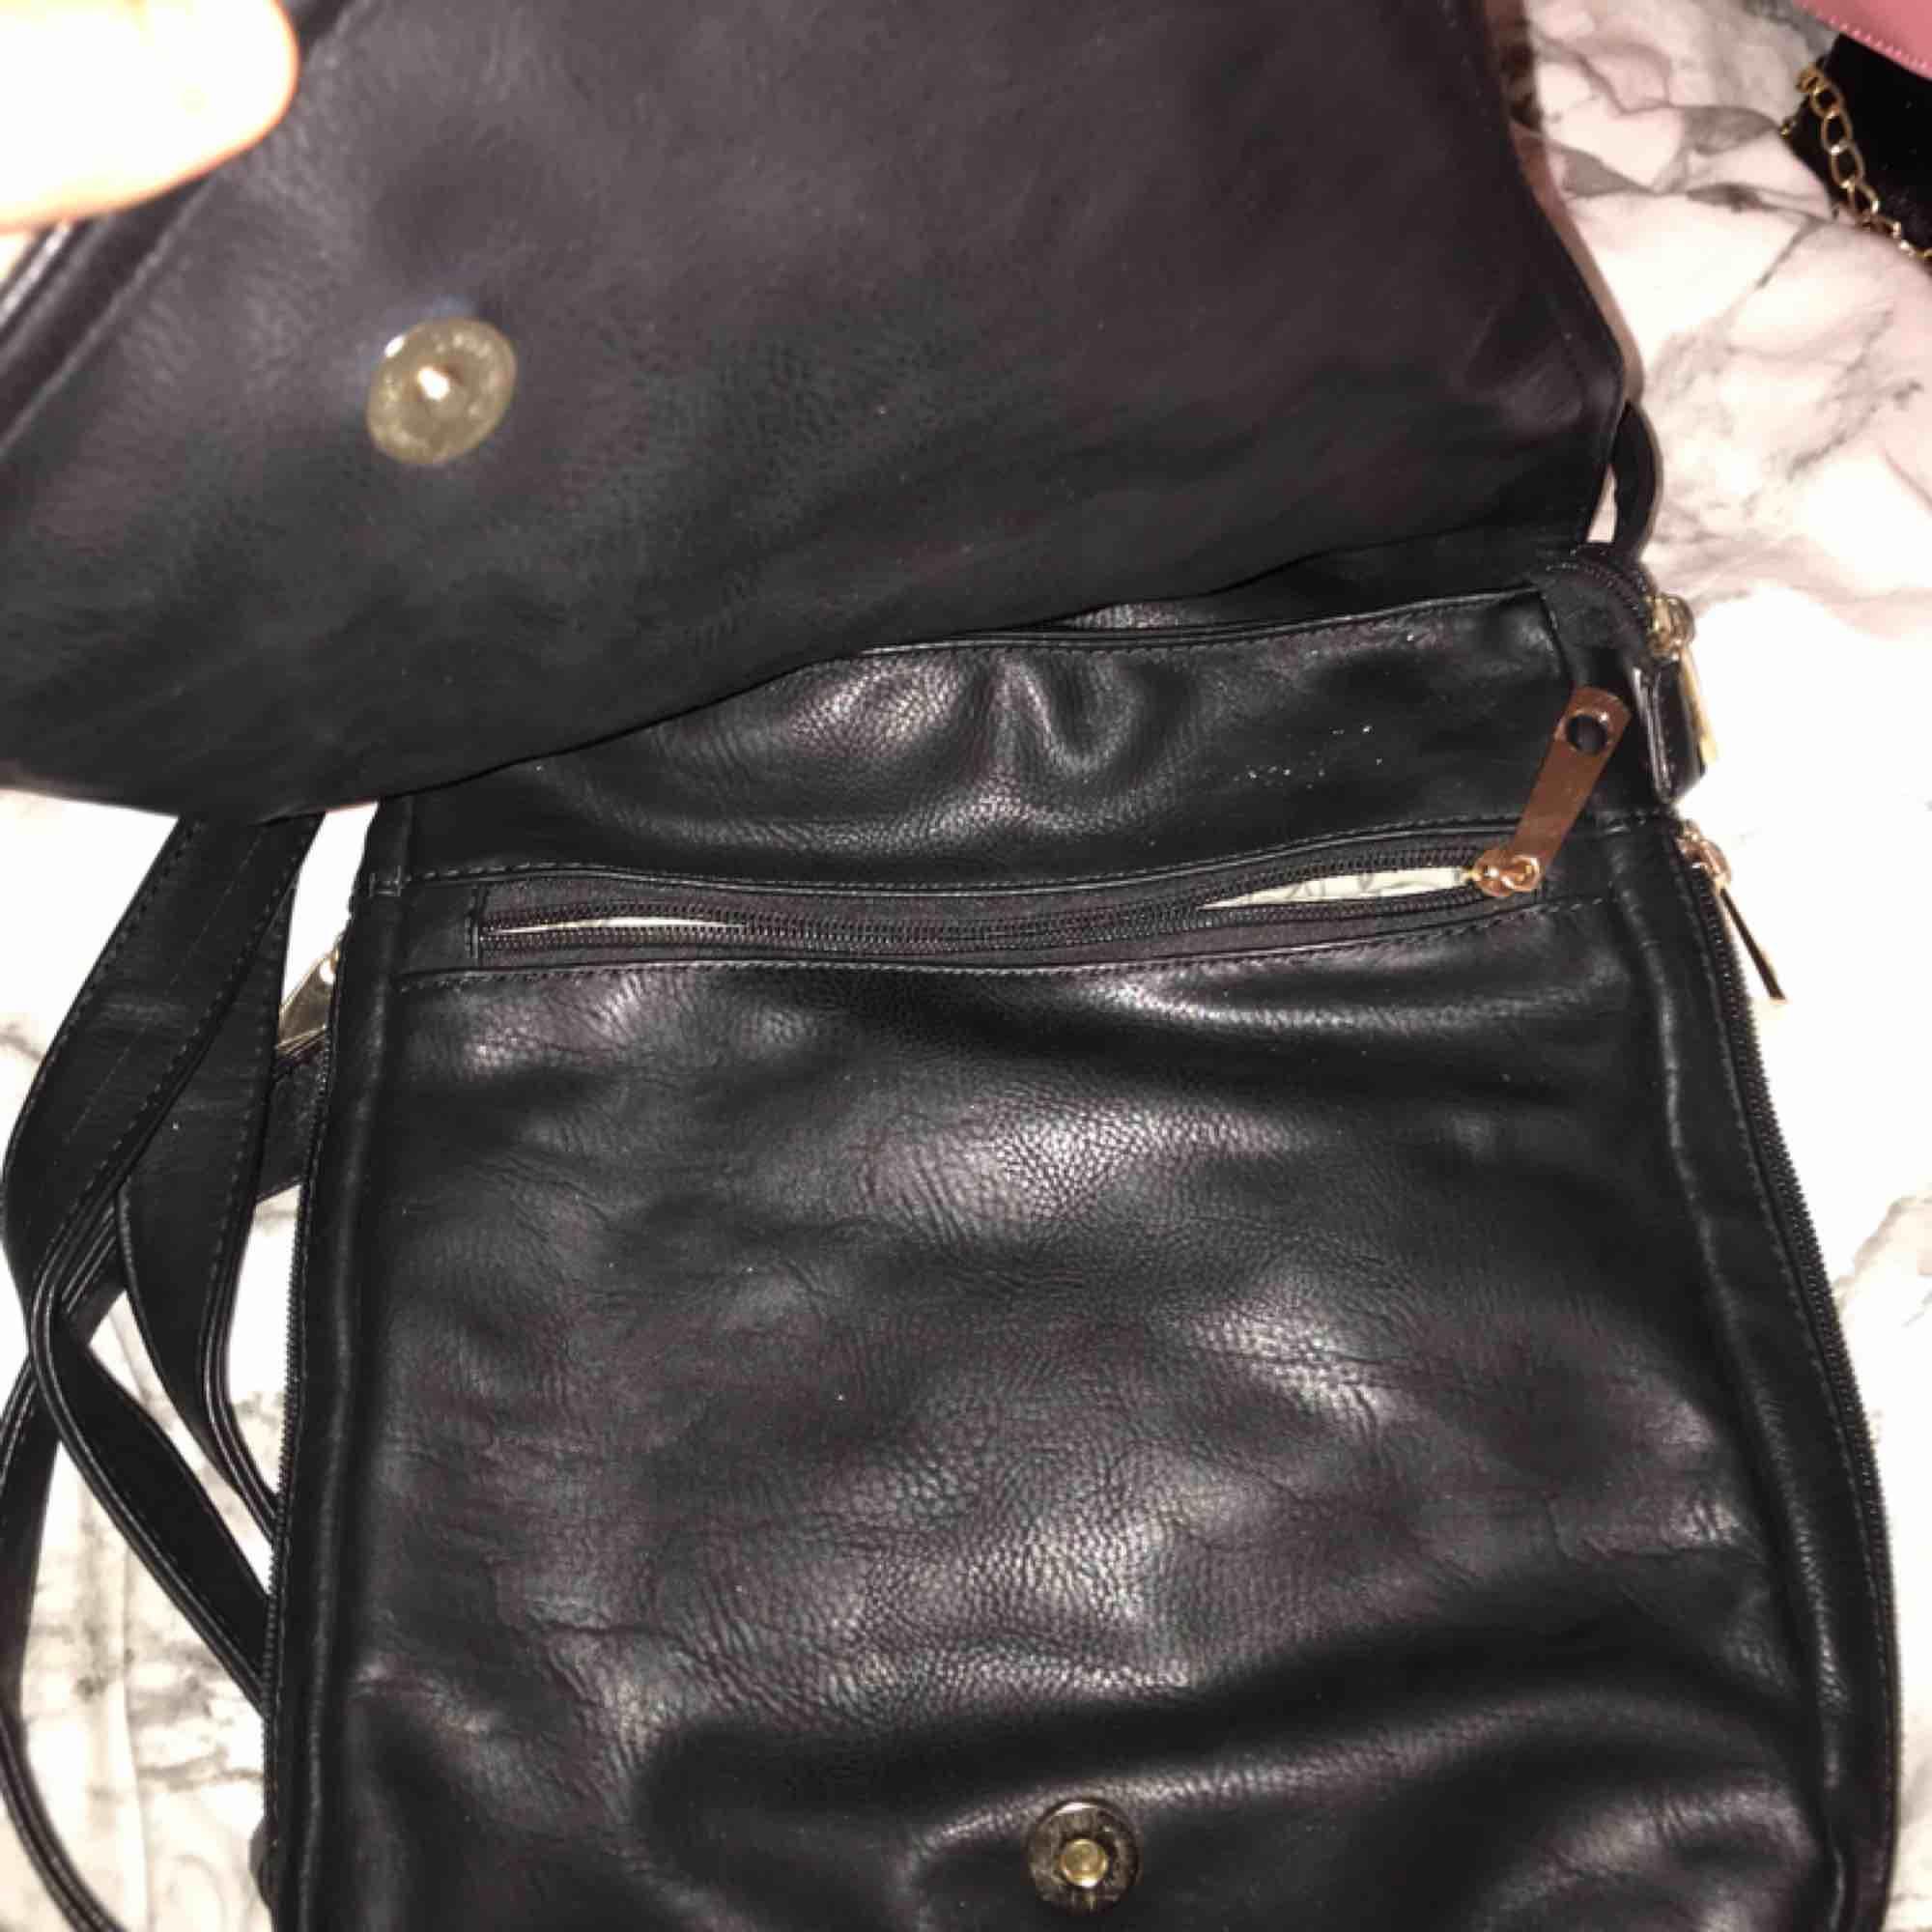 Säljer min snygga oanvända väska med väldigt snygga glittriga detaljer som liknar en Uggla. Frakt tillkommer . Accessoarer.